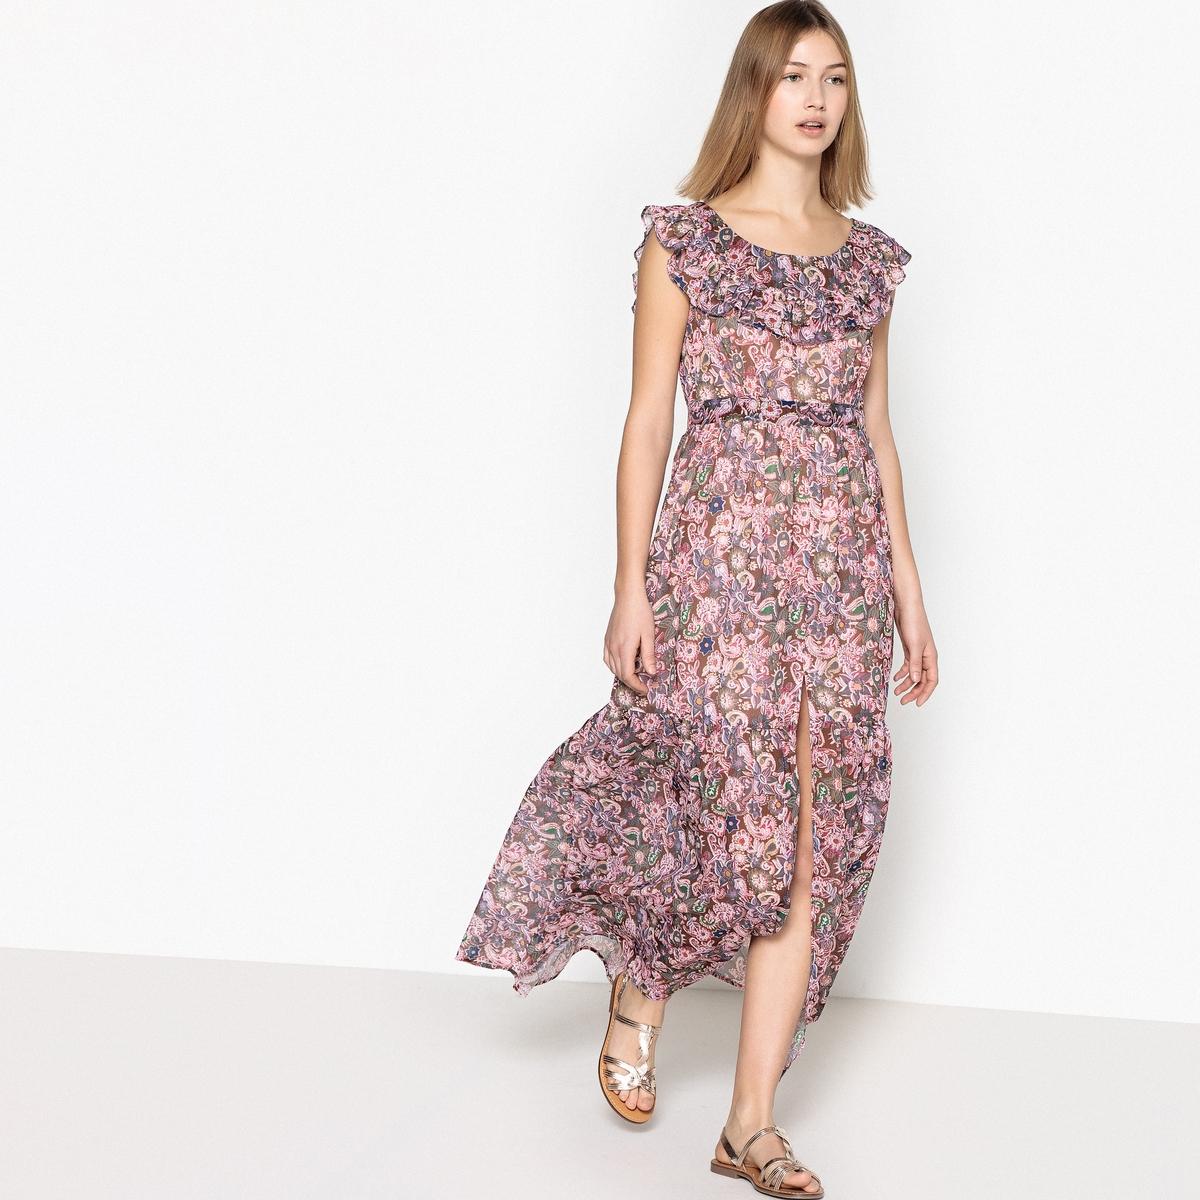 купить Платье длинное расклешенное с короткими рукавами по цене 5459.3 рублей